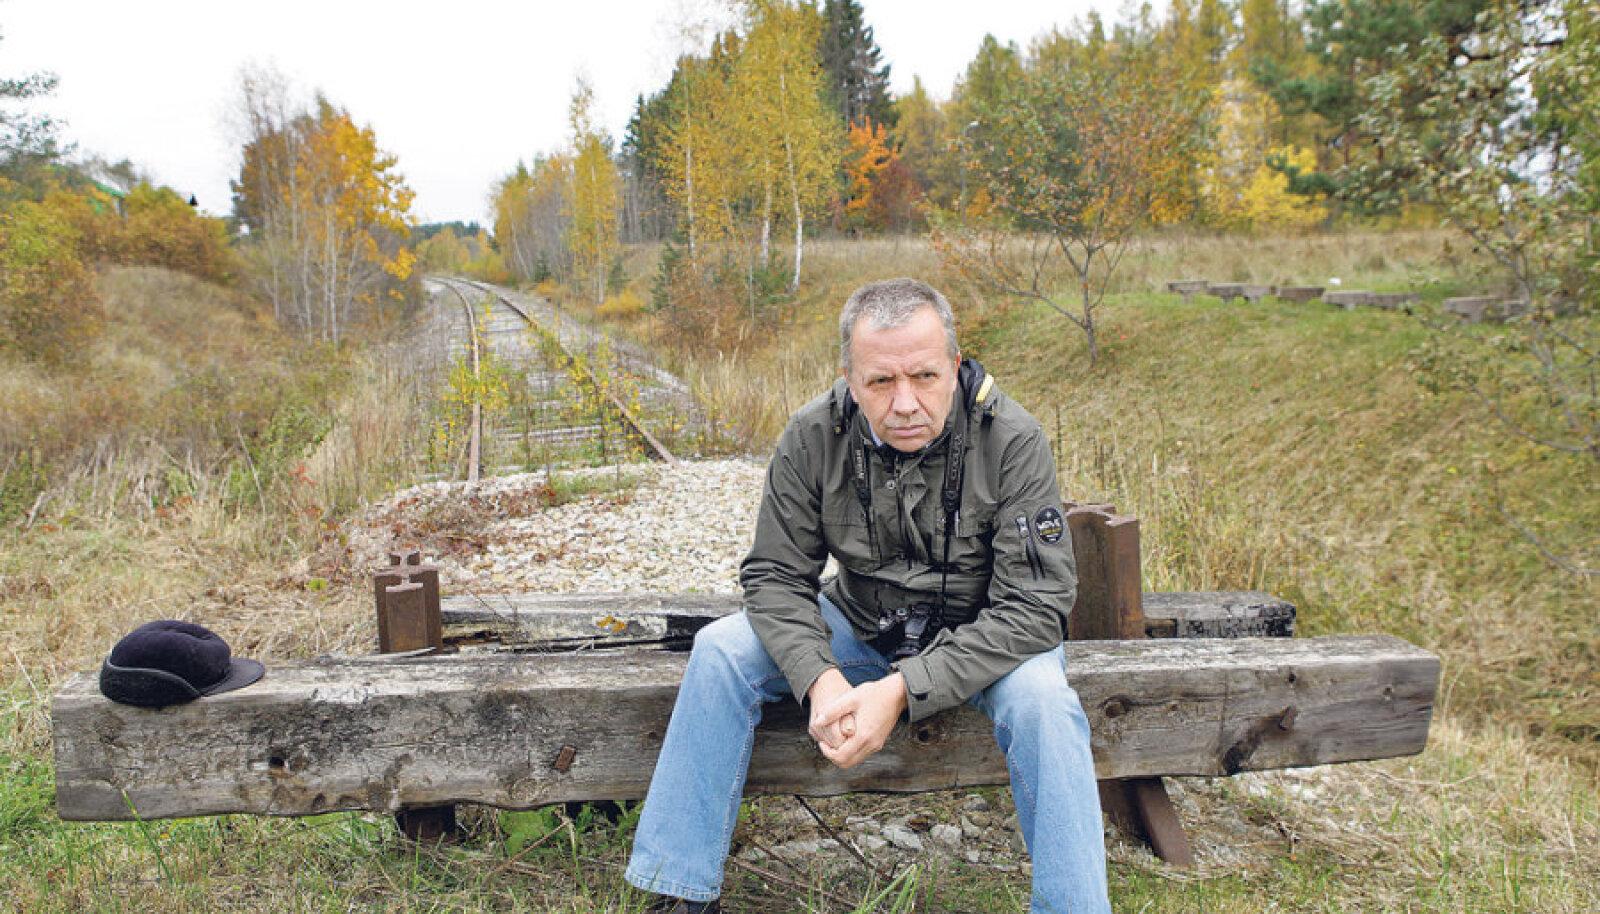 Haapsalu raudtee taastamise eest võitlev Neeme Sihv unistab  raudteest rattateeks muudetud paigas võimalusest  Tartust rongiga Rohukülla sõita, et seal jalgratas rongist  maha tõsta ja alles Hiiumaal sadulasse istuda. Tööle ja spaasse  sõitmine oleks juba iseenesestmõistetav. Hiiumaa inimesed  saaksid Tallinnasse sõites aga auto sootuks Heltermaale jätta.